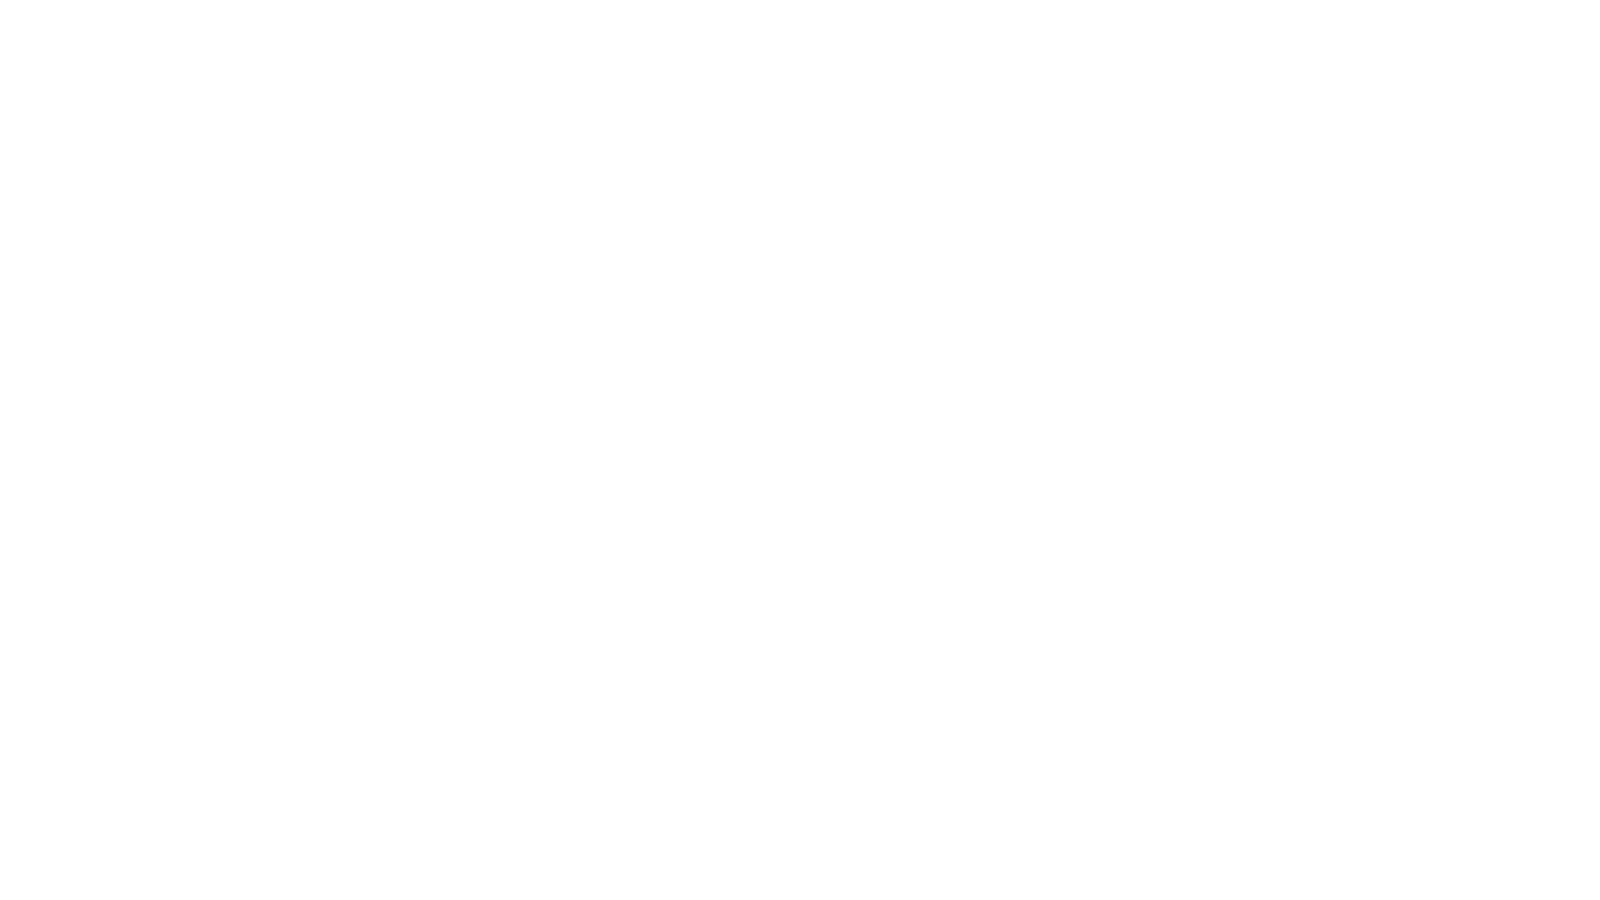 """Welchen Einfluss haben die Menschen in deinem direkten Umfeld? ----------------------------------- Meine Facebook Gruppe """"Erfolg darf leicht sein"""": https://www.facebook.com/groups/erfolgdarfleichtsein/ Instagram: https://www.instagram.com/kirsten_reimer_/"""